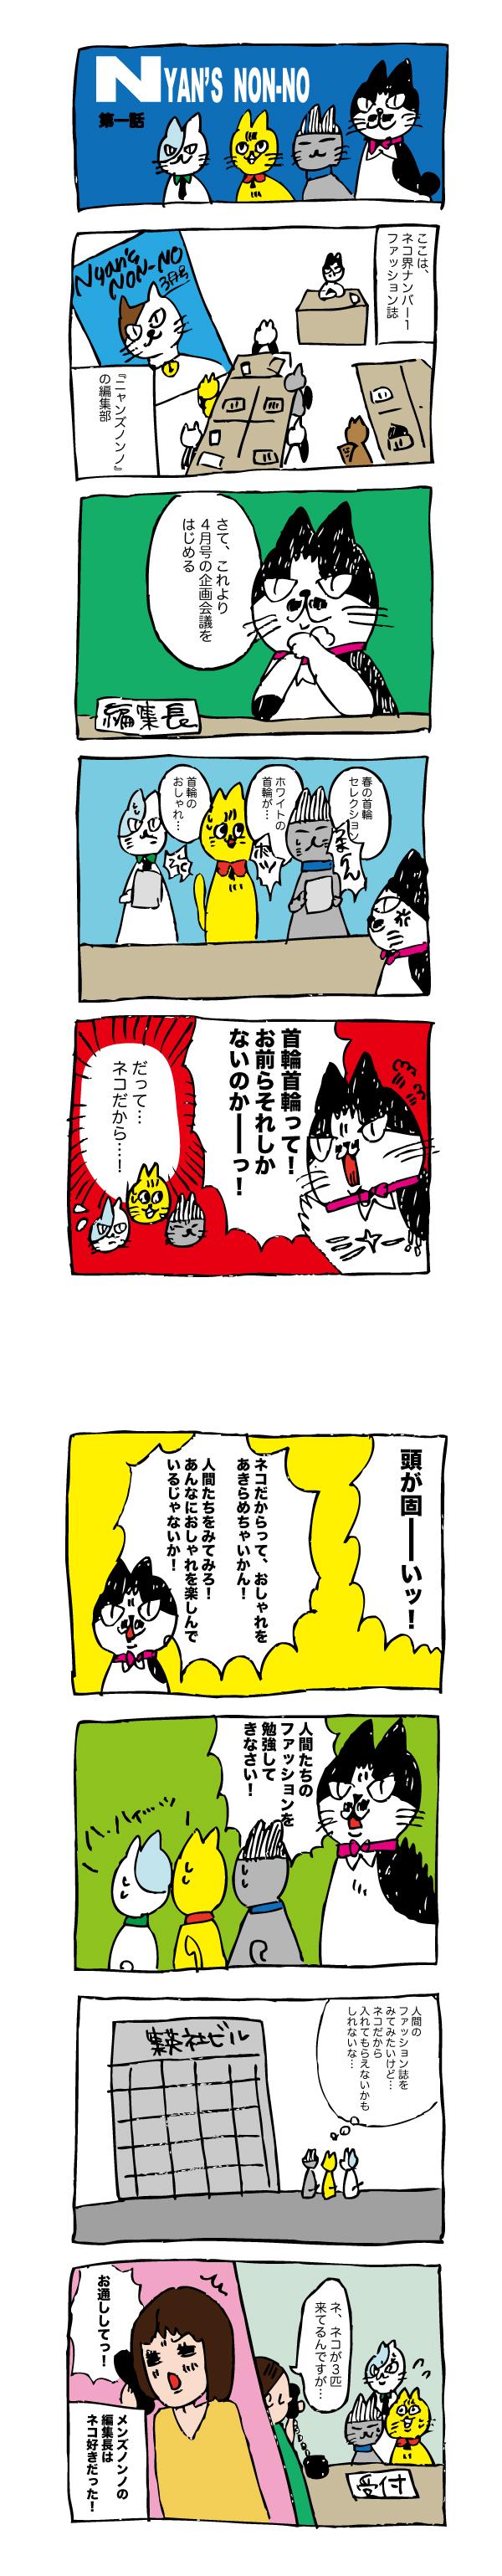 kimuracomic01